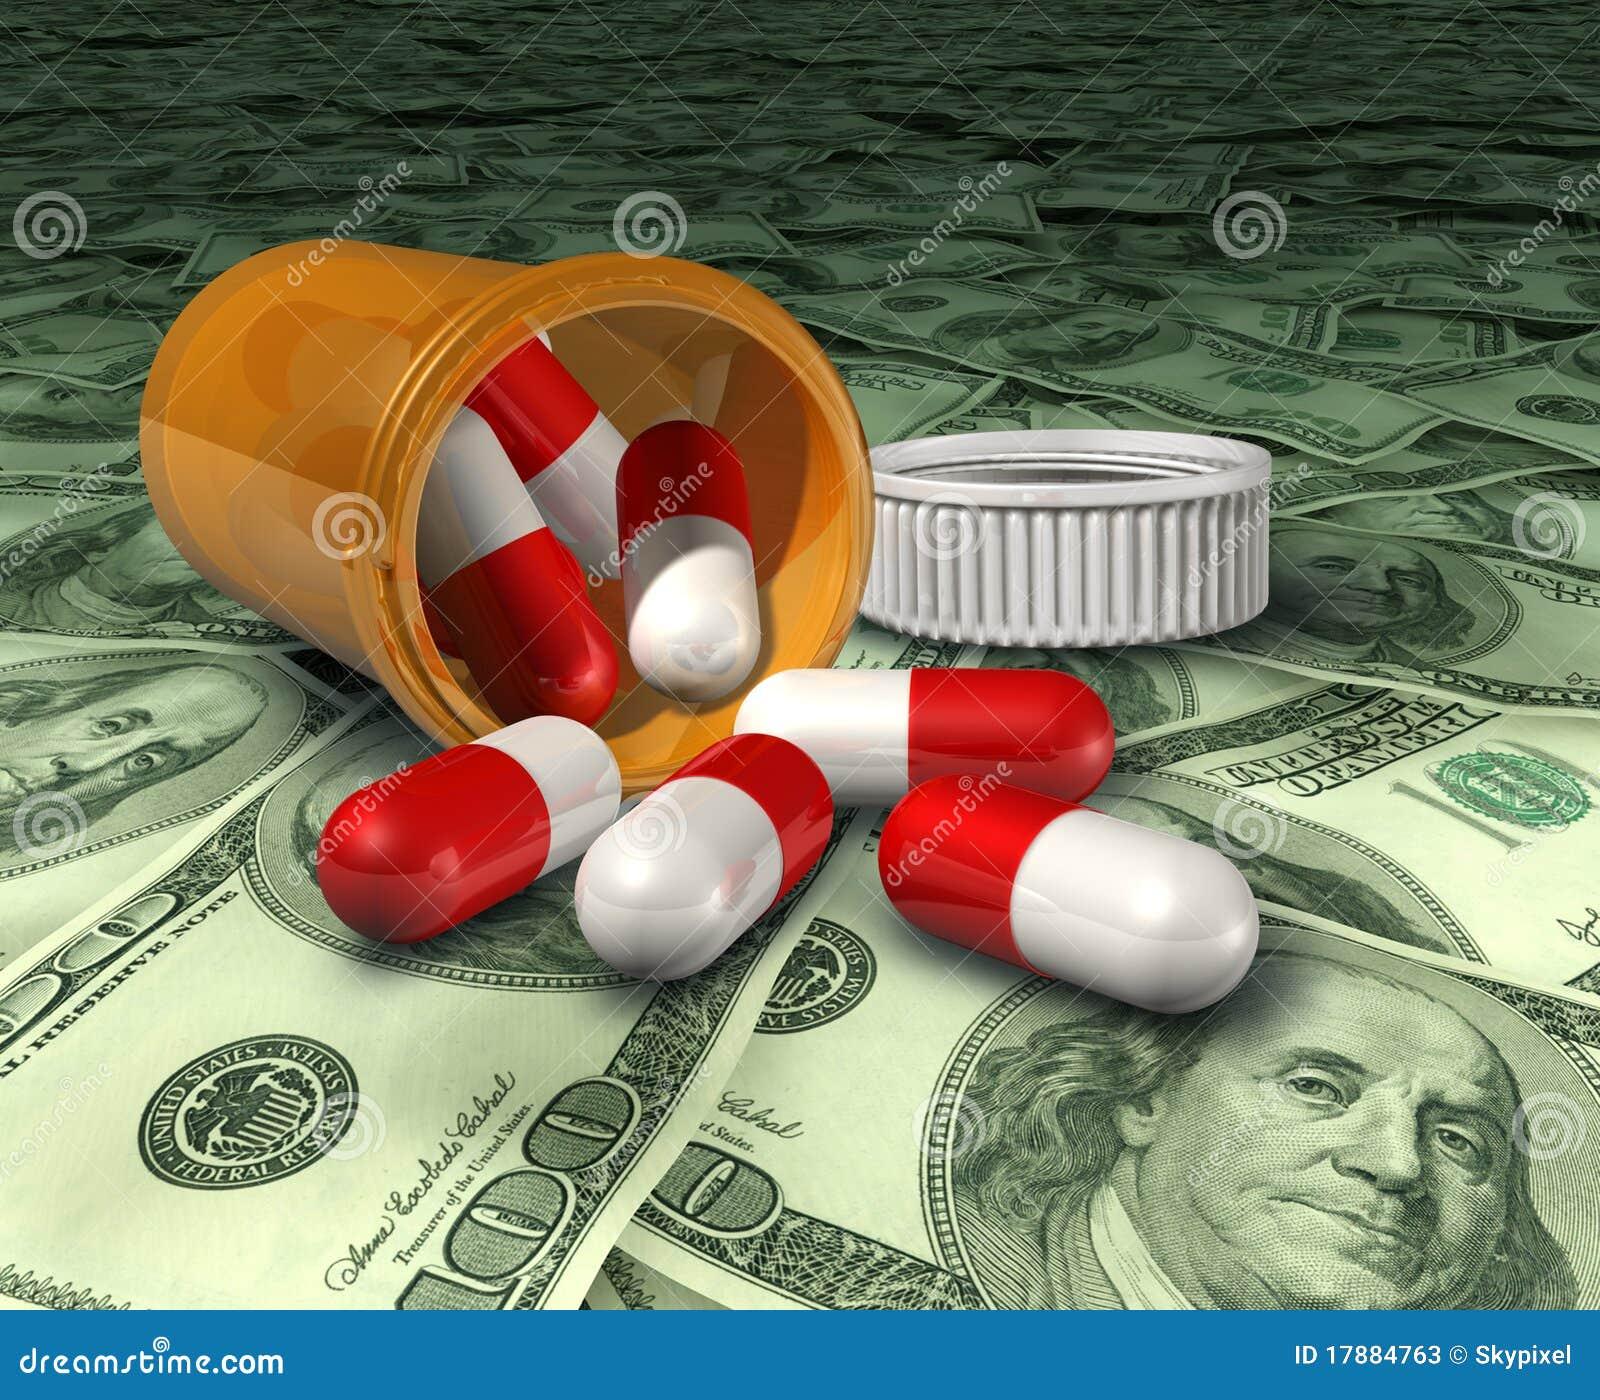 Dba kosztów leków zdrowie wysokie m recepty ceny